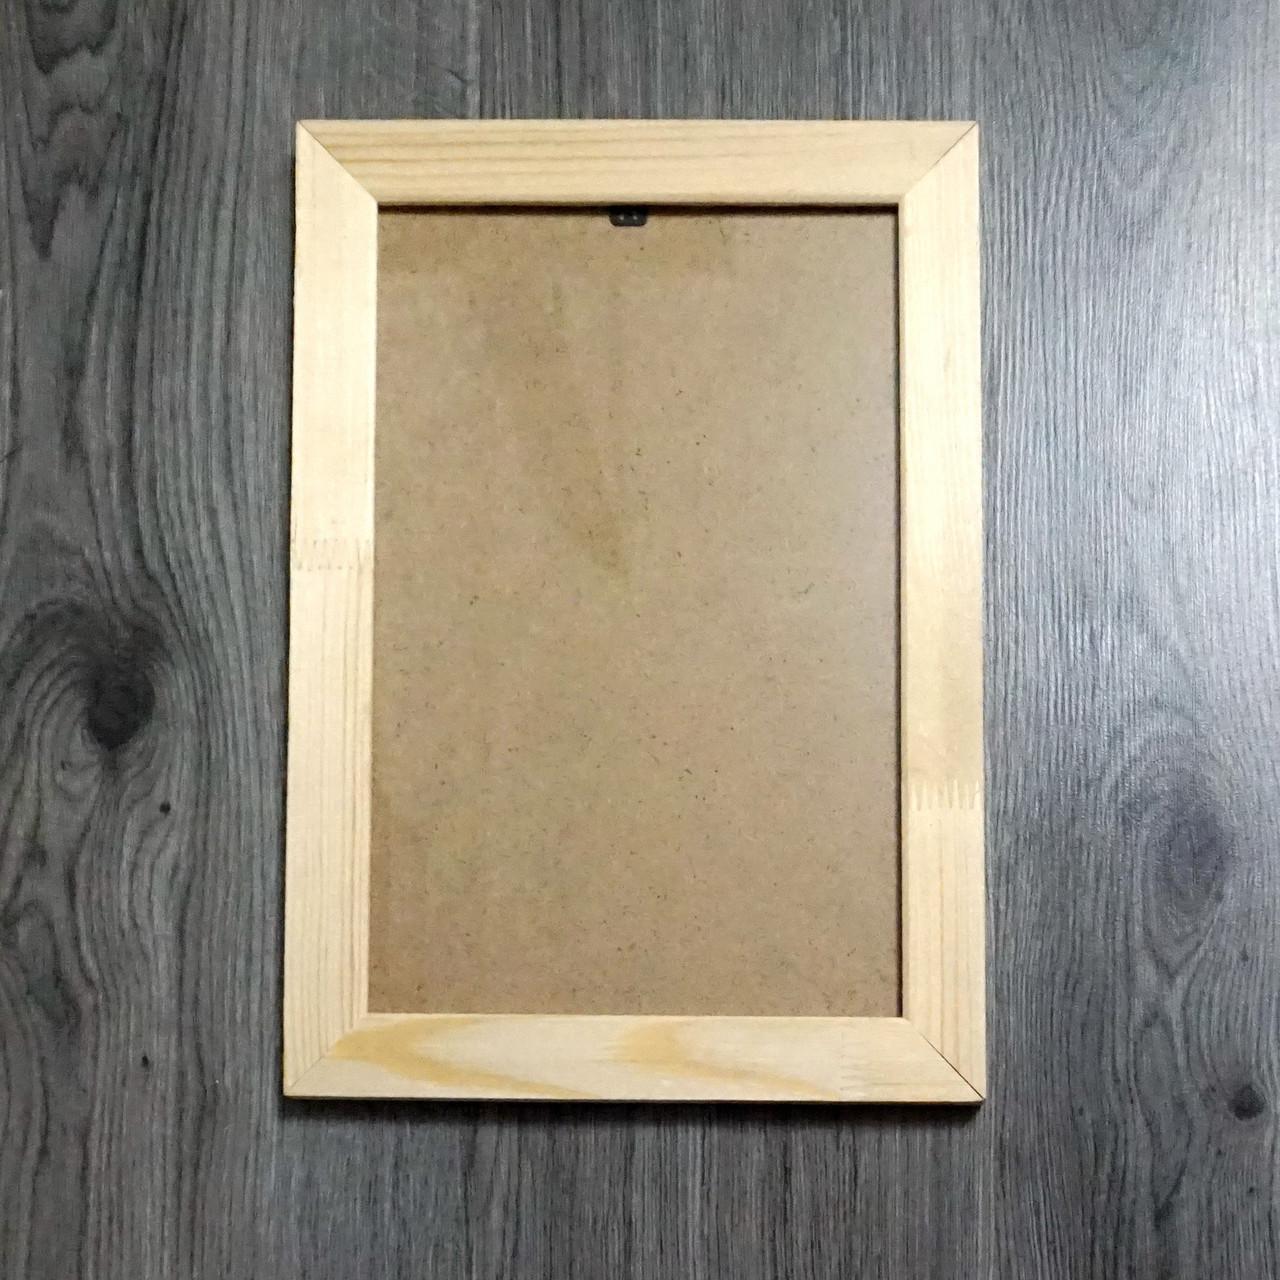 Рамка деревянная плоская под отделку 20мм. Размер, см.  50*50